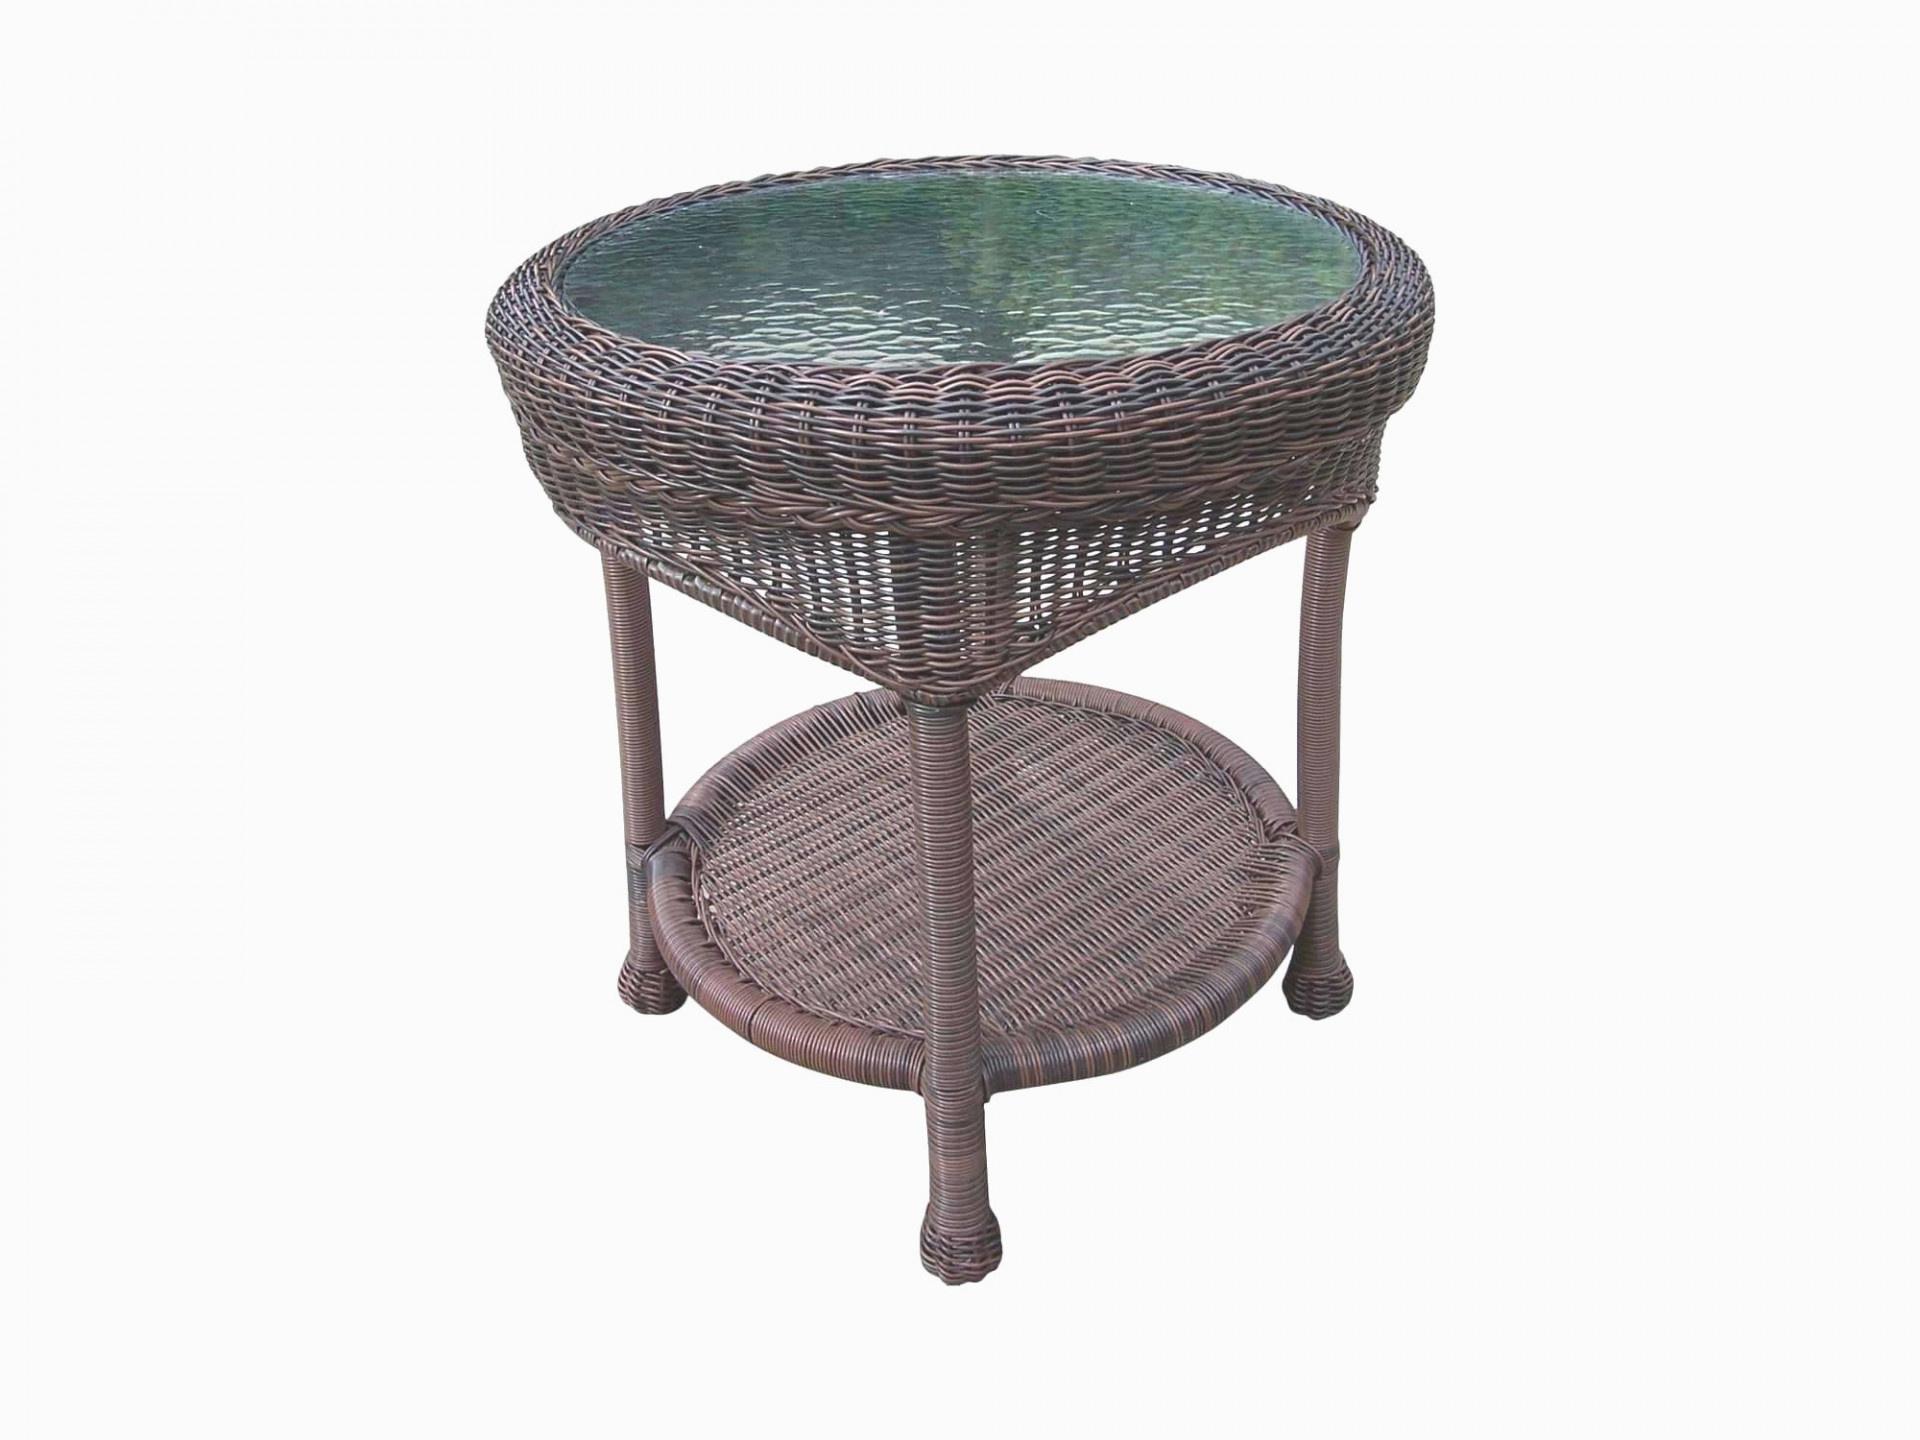 Table De Jardin Rallonge Unique Table Ovale Extensible source D Inspiration 25 New Narrow